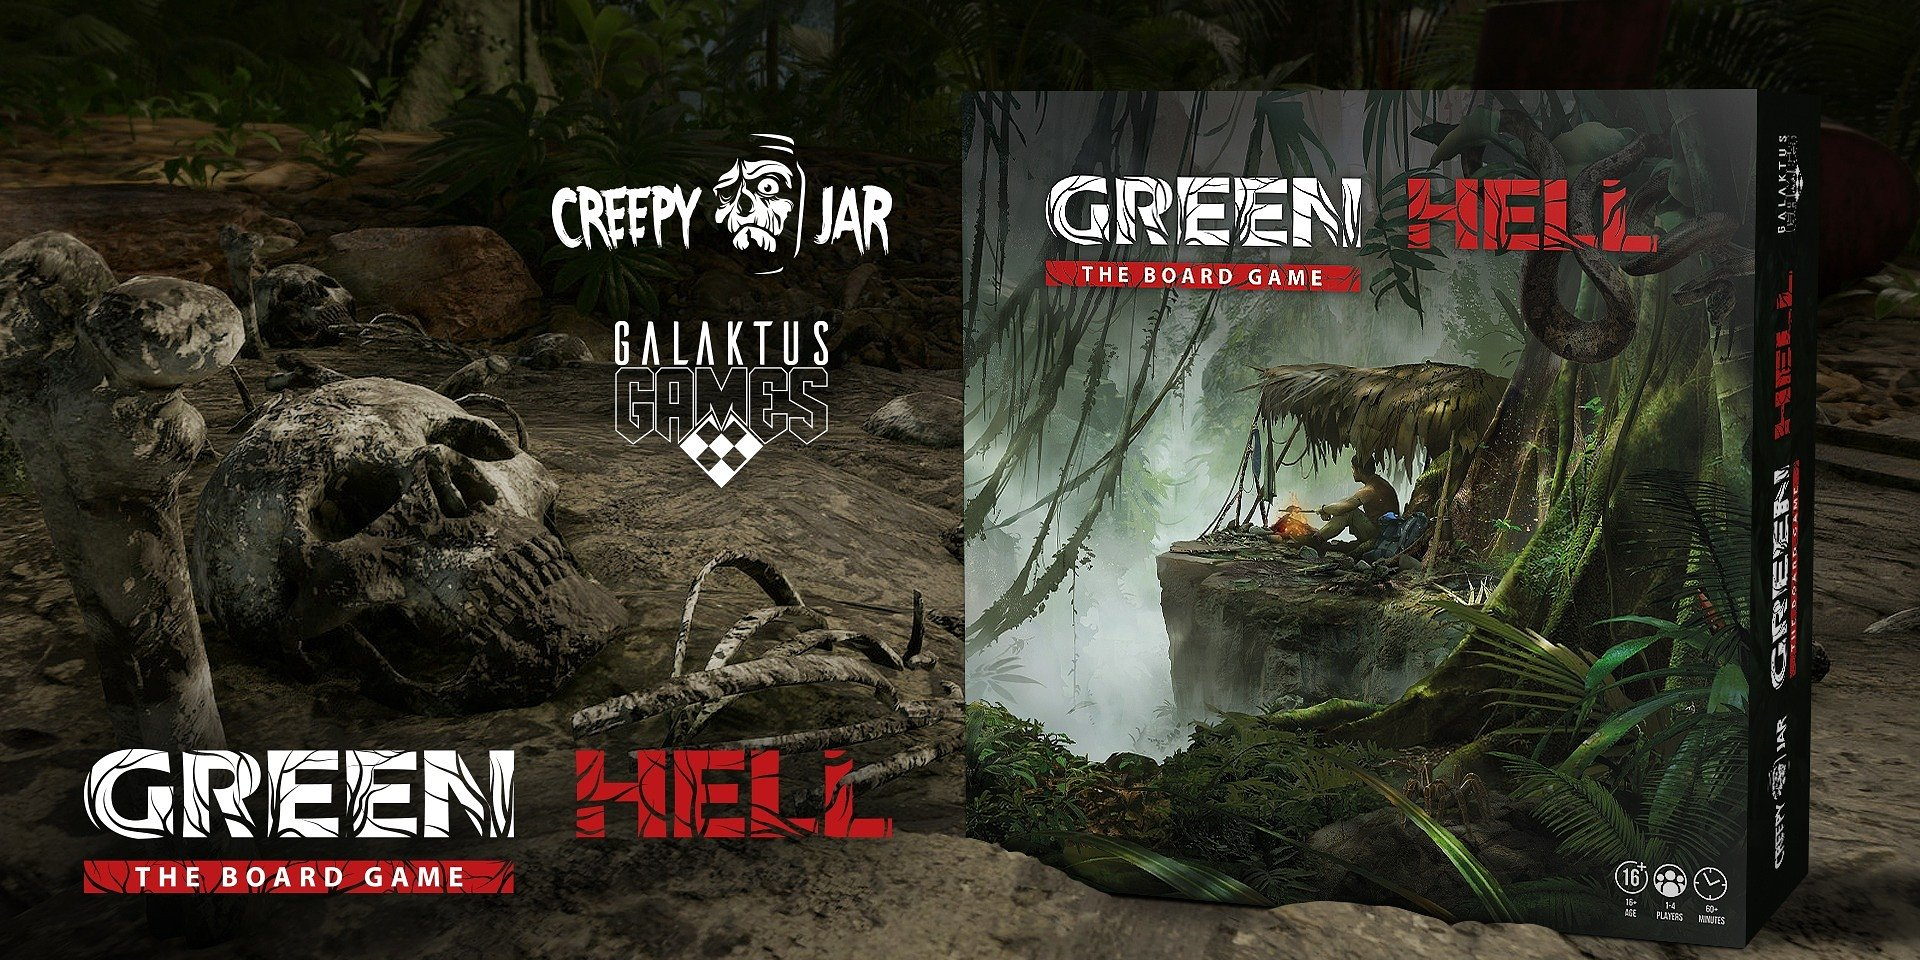 Green Hell: The Board Game już wkrótce rozpoczyna swoją kampanię na Kickstarterze. Przeżyj z przyjaciółmi nowe oblicze amazońskiego survivalu